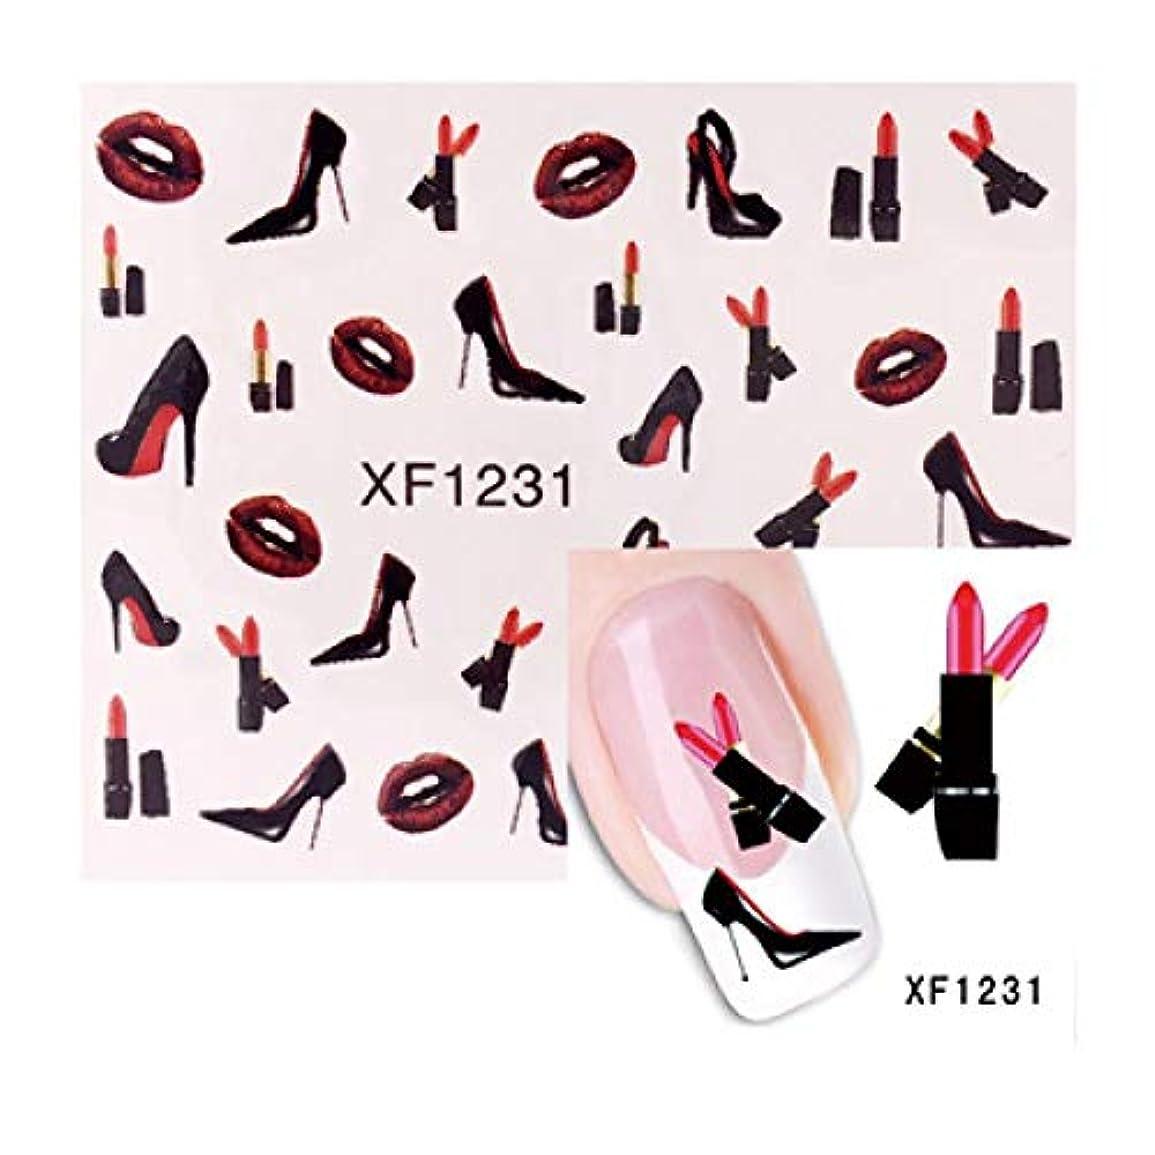 できたモニタークックSUKTI&XIAO ネイルステッカー 女の子のマニキュア、Xf1231のための1つのシートのステッカーの釘の芸術の水移動の印刷のステッカーの付属品